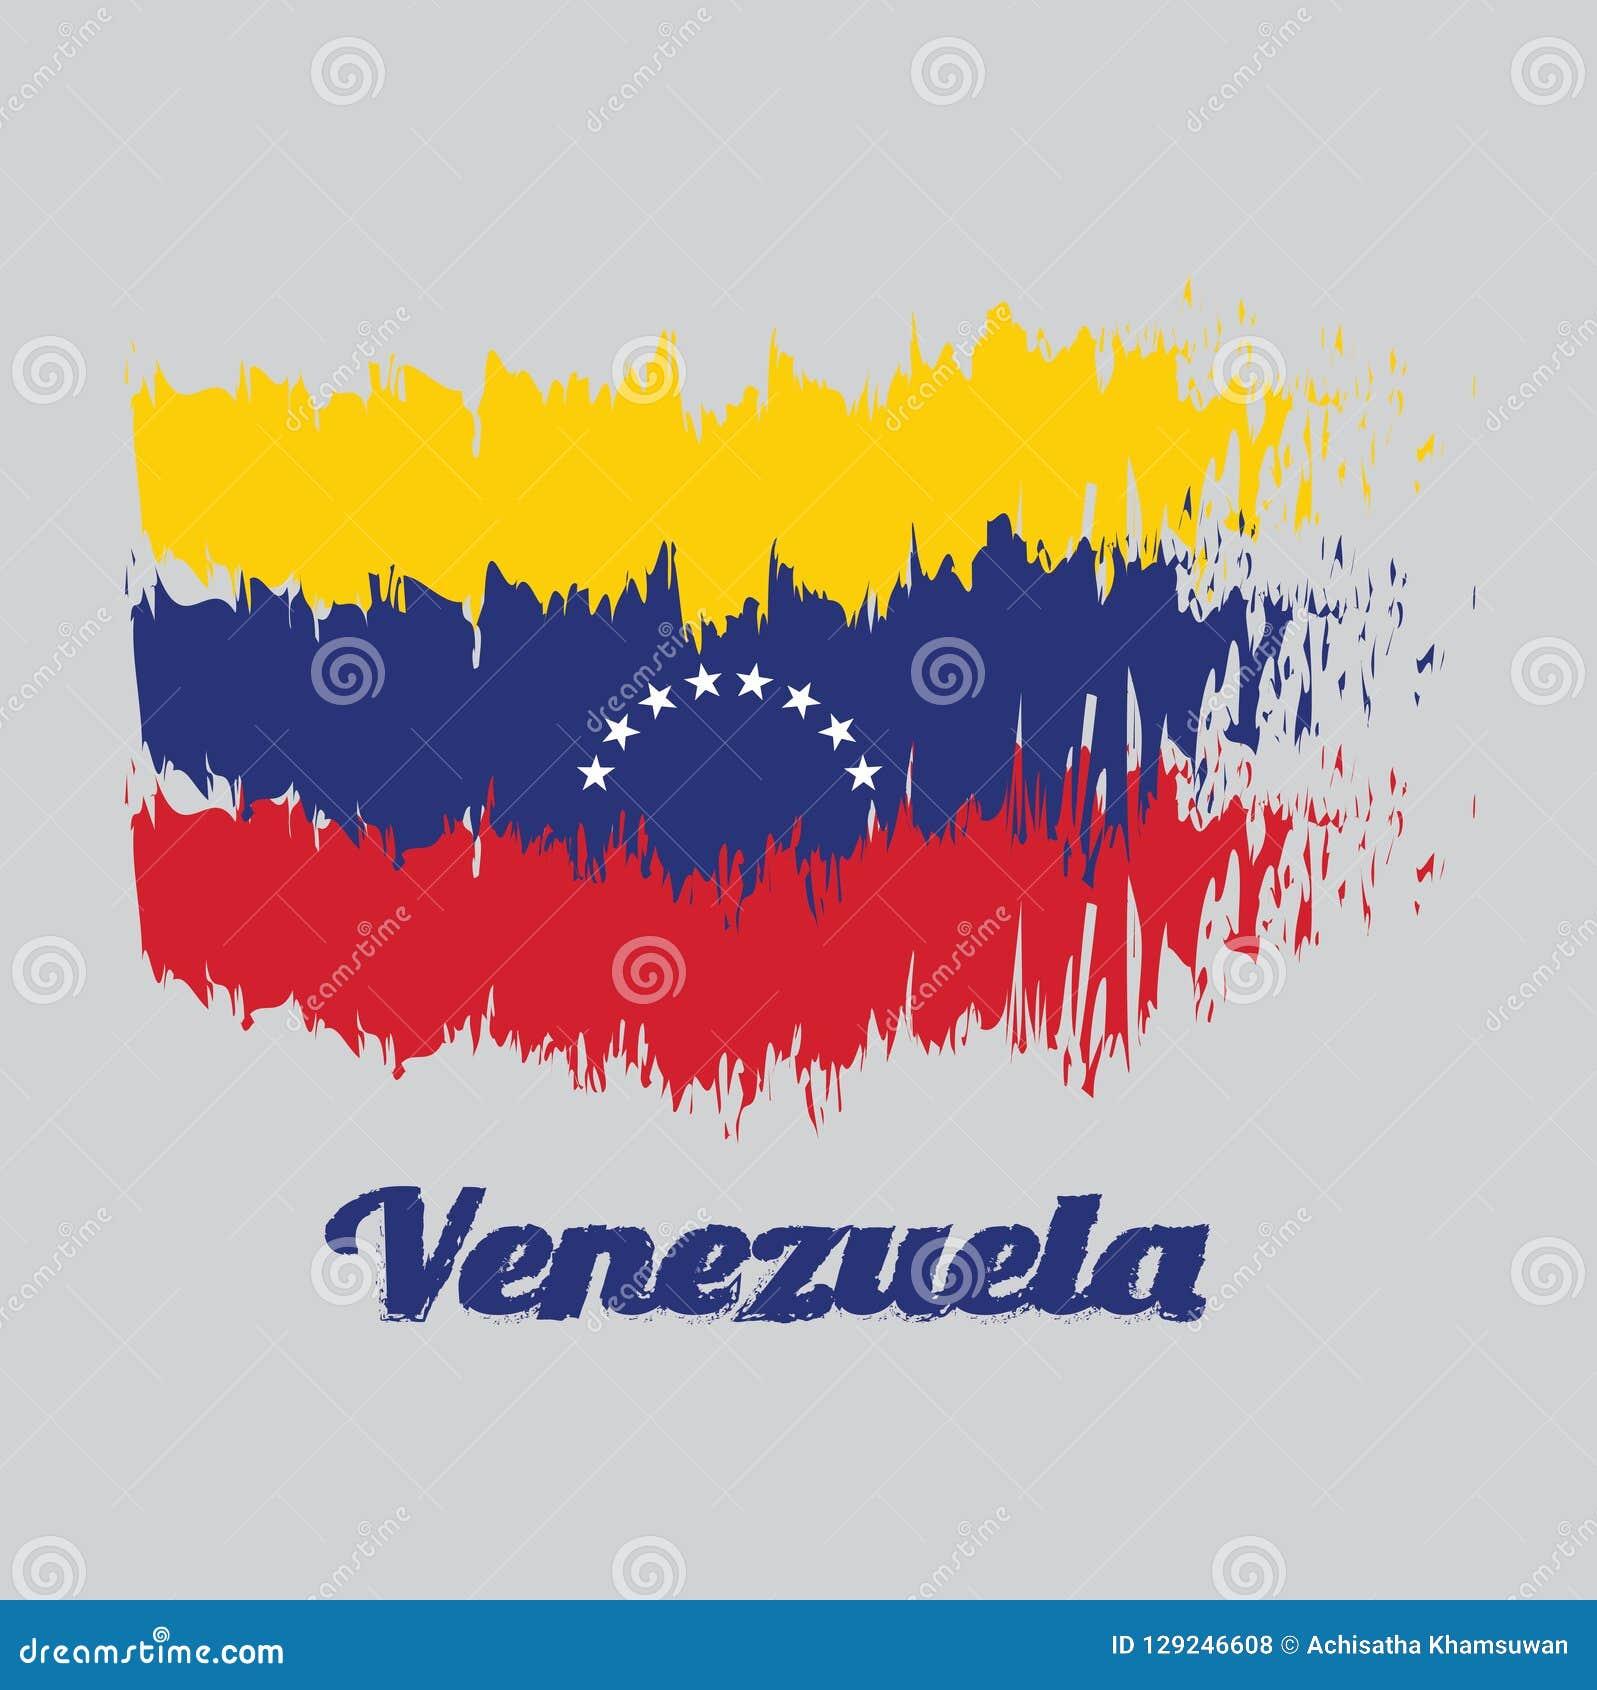 Bandera blanca con banda azul y estrella roja